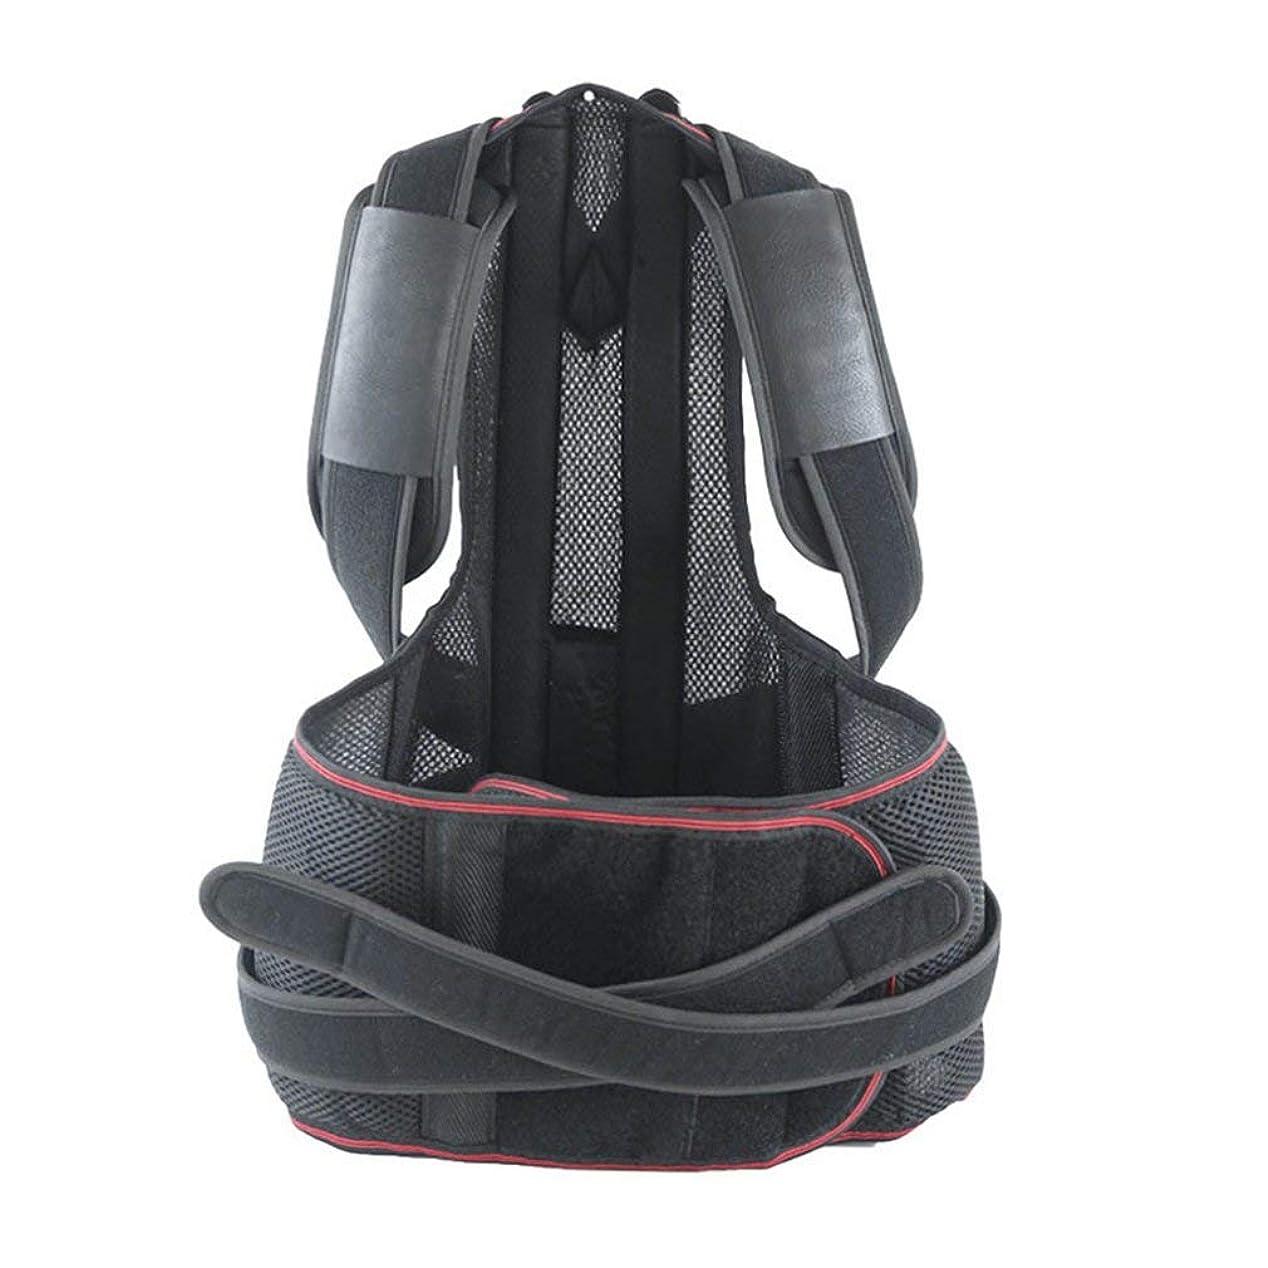 険しい痴漢郵便屋さん軽量の姿勢補正装置の悪い腰部の肩サポート背中の痛みブレース-Rustle666